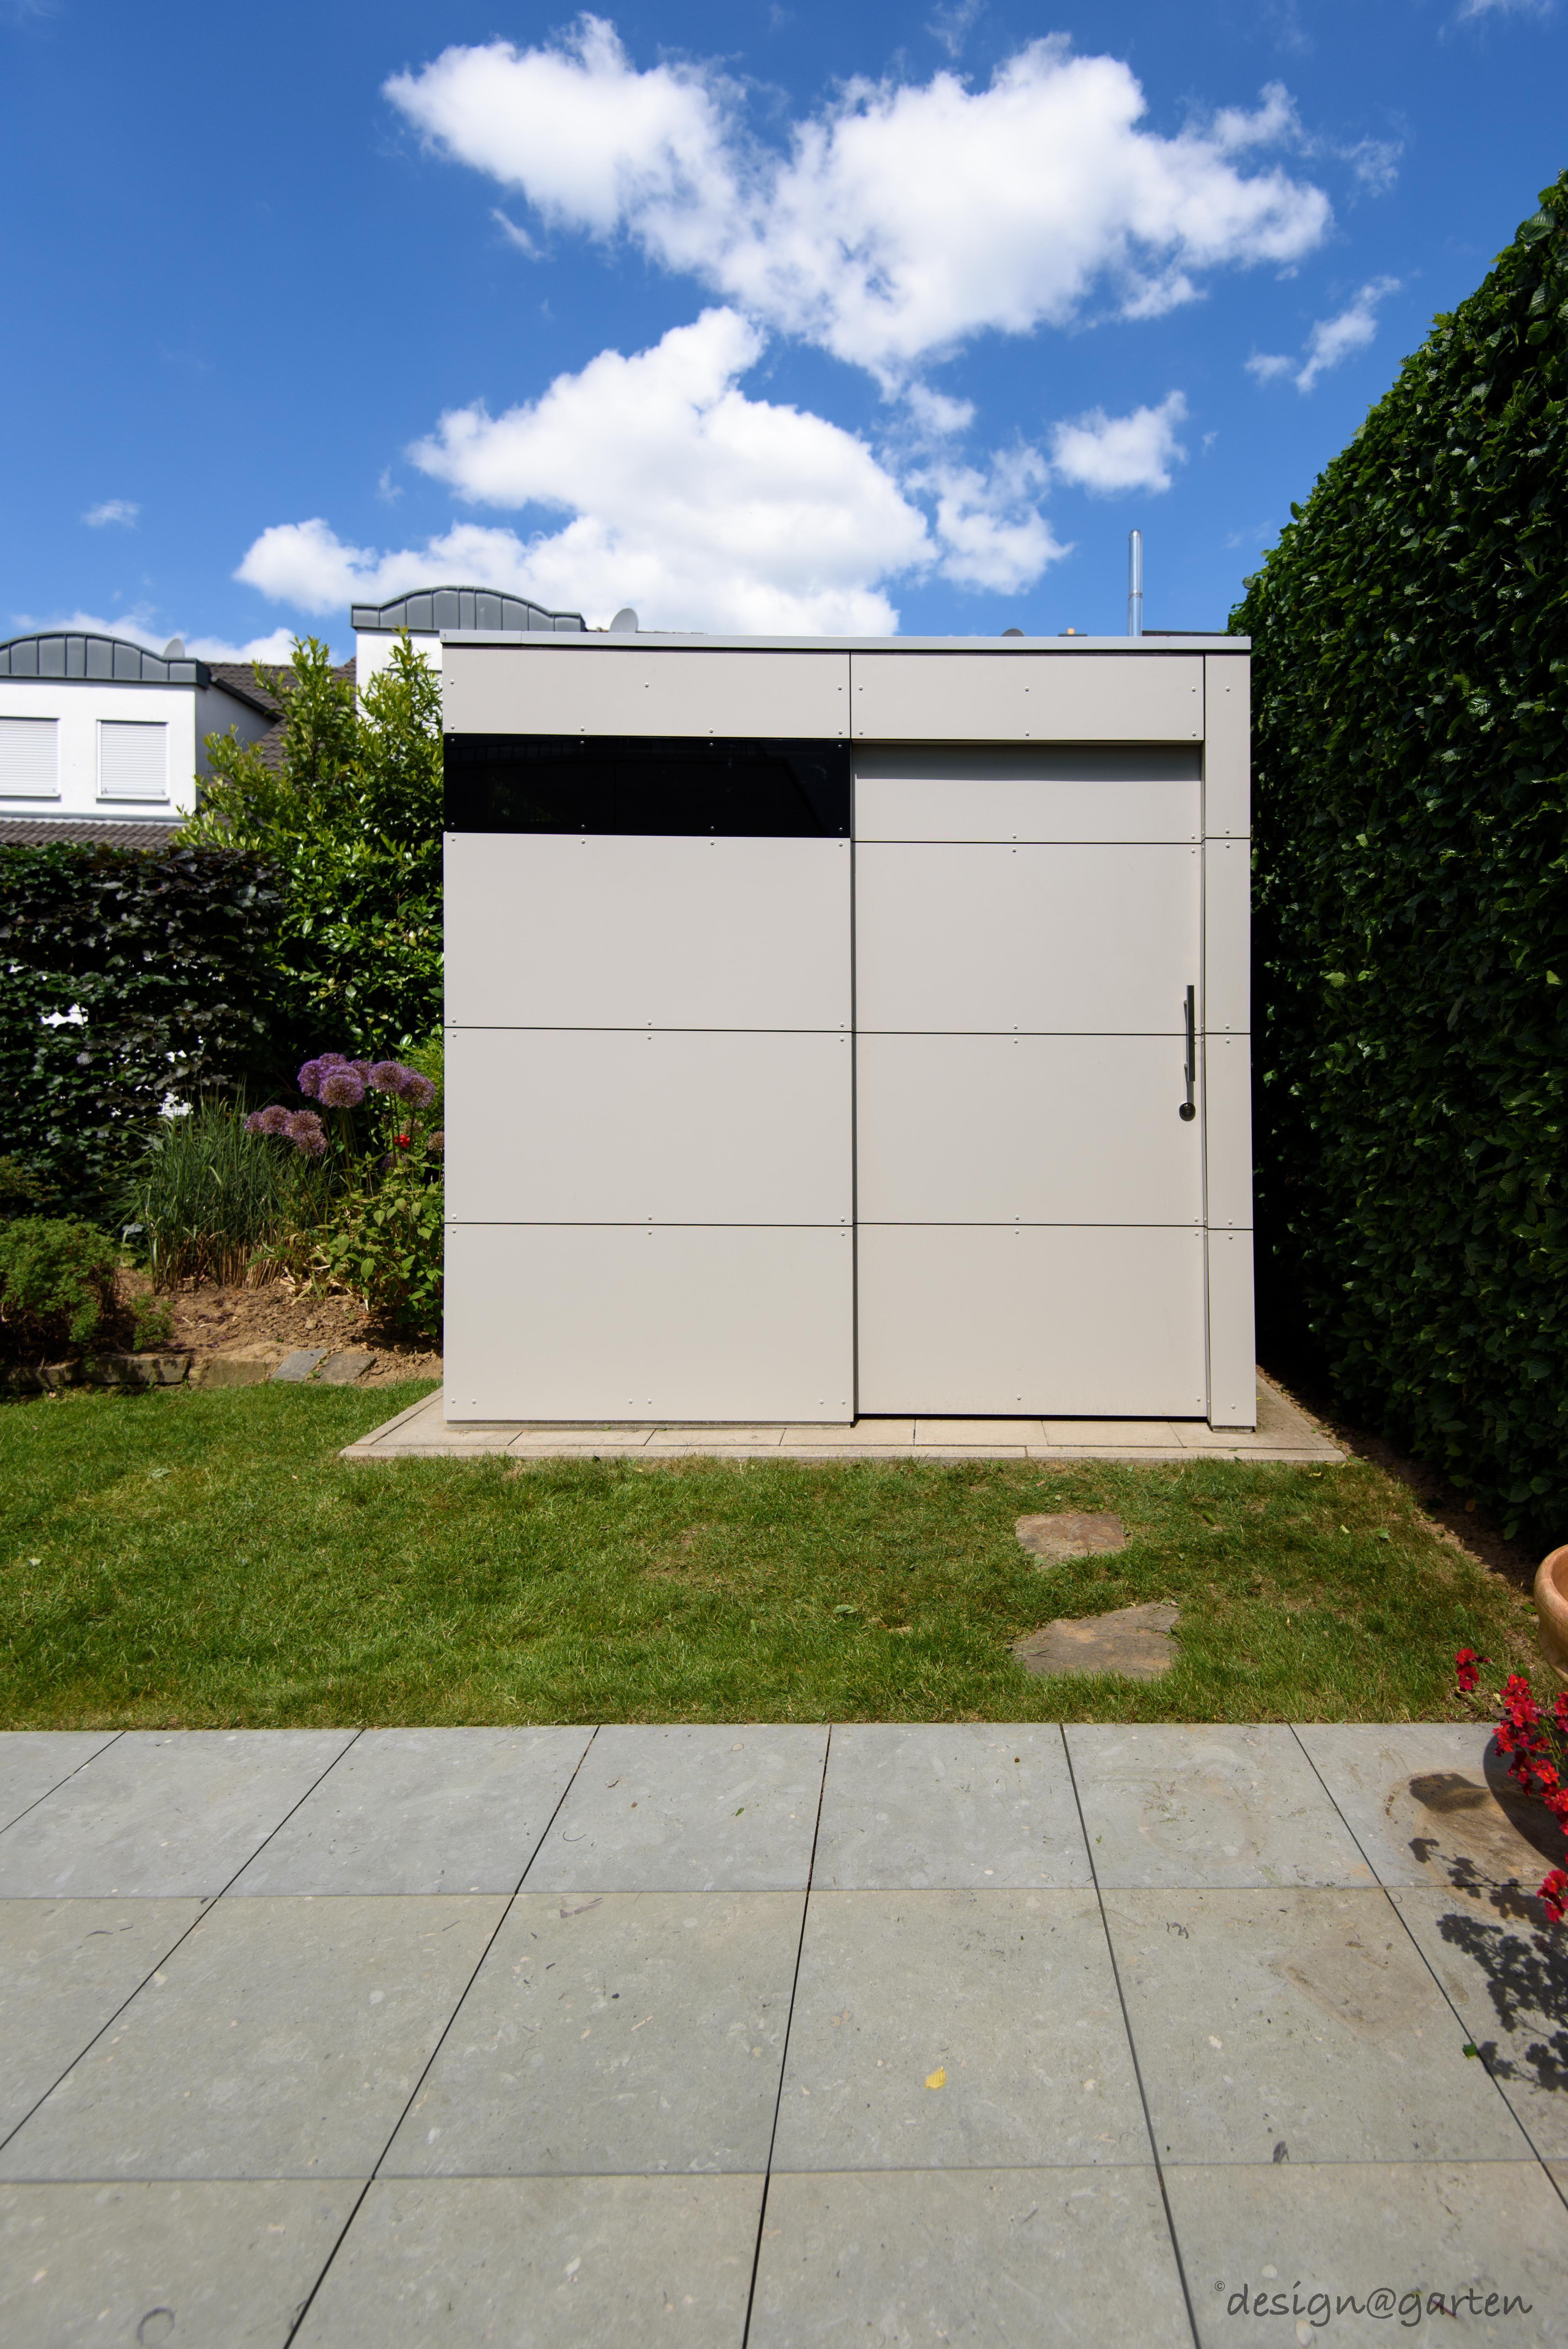 design gartenahaus gart zwei mit Schiebetüre in Hennef Germany